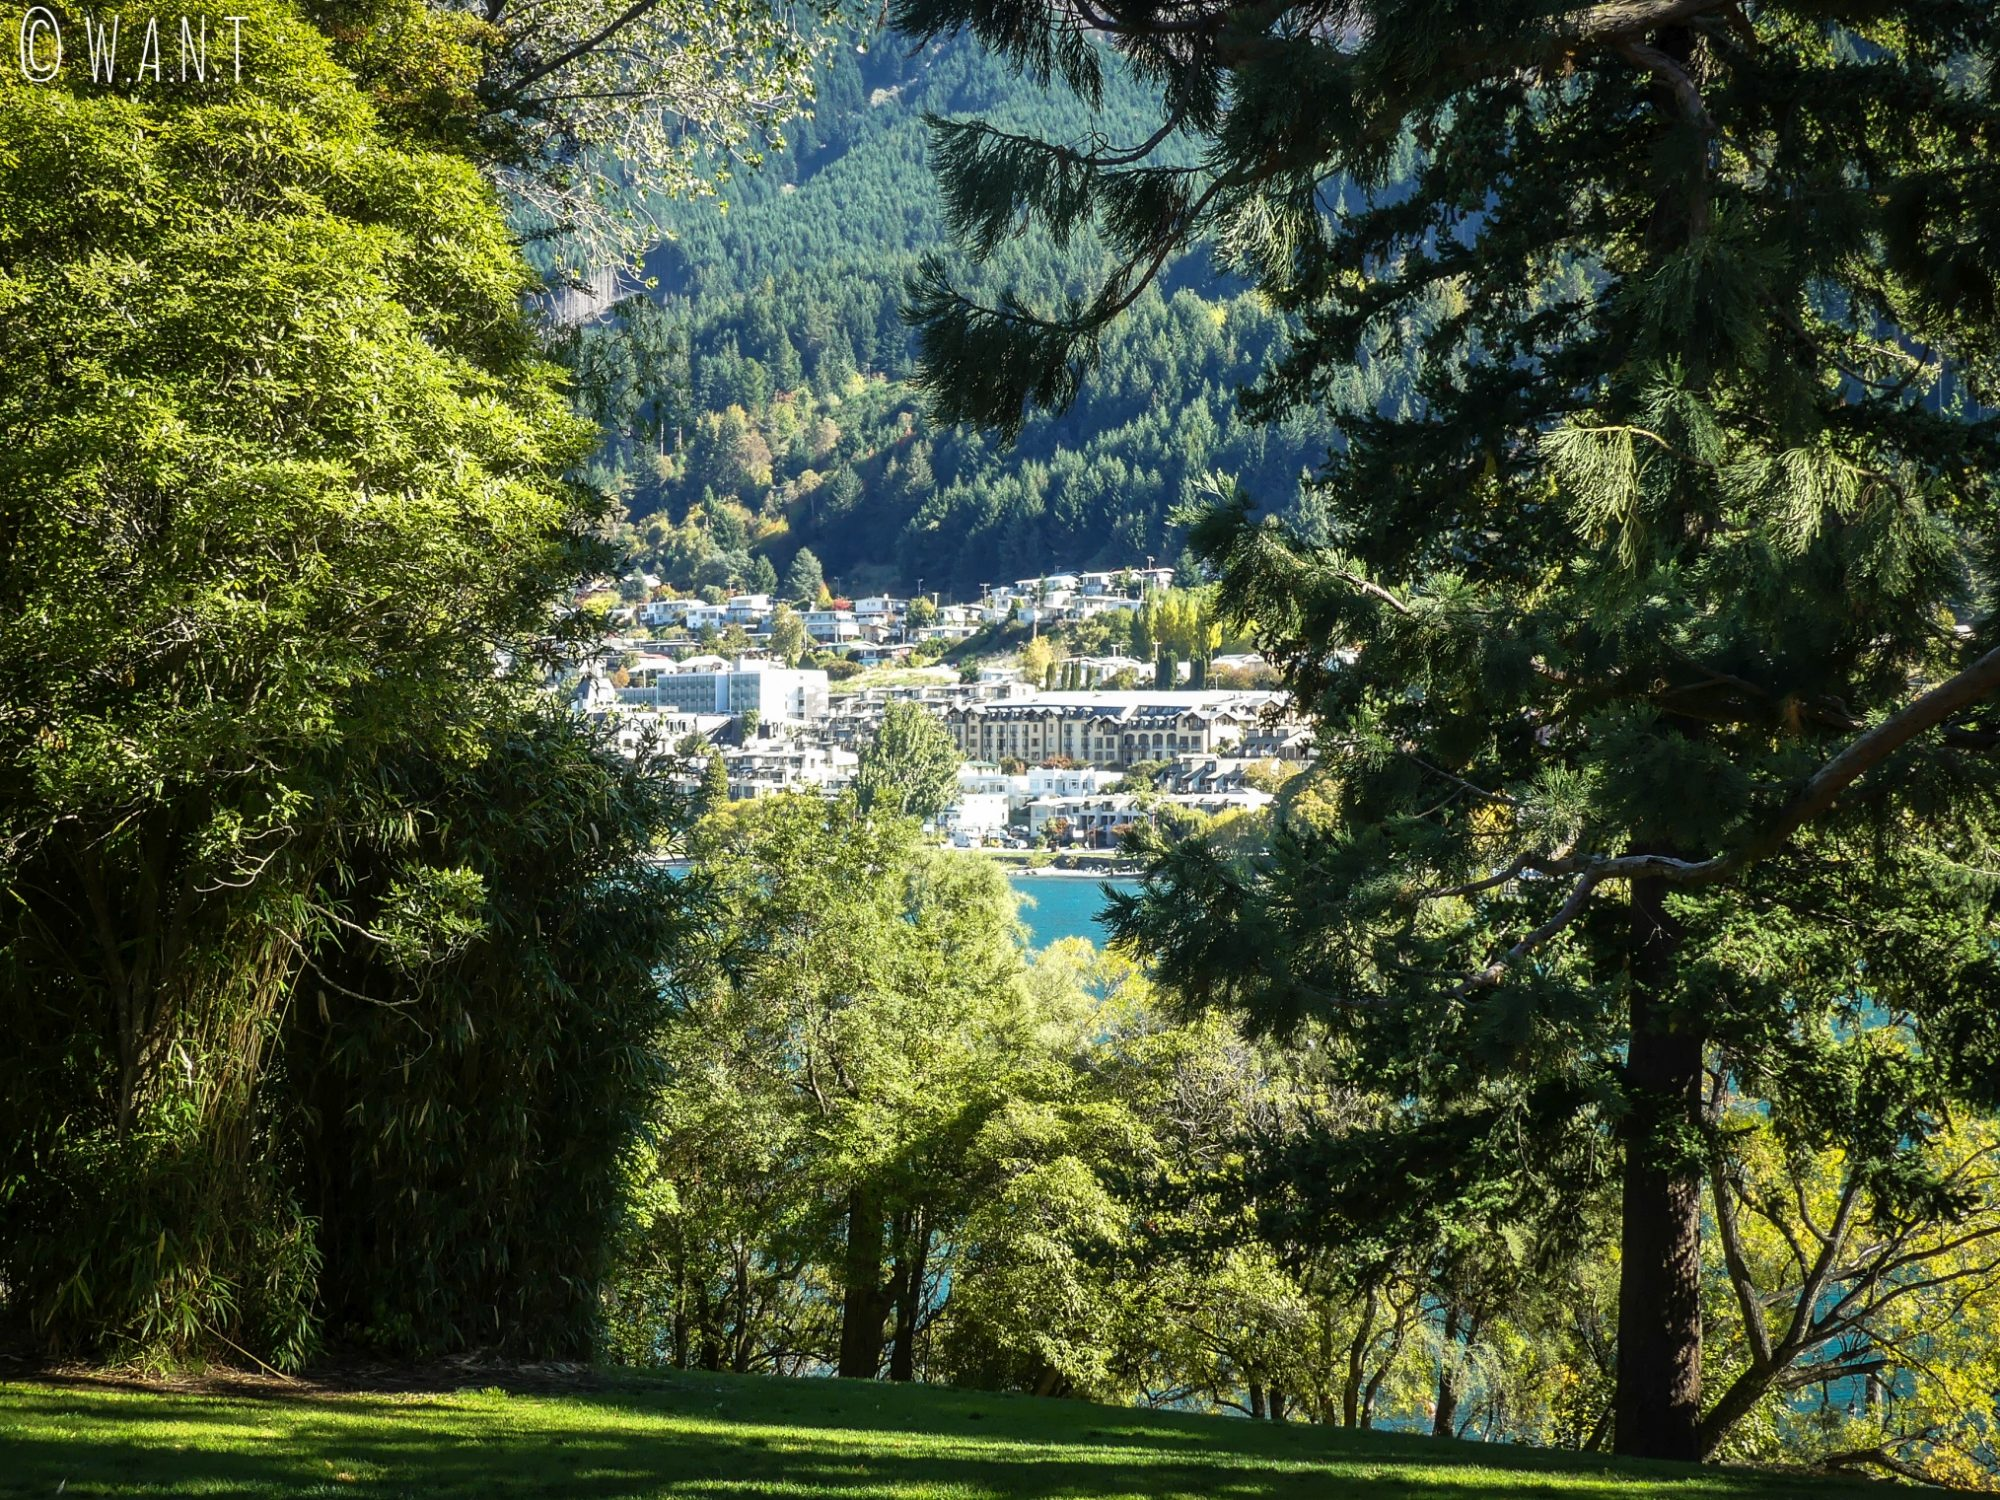 Vue sur le bord de lac depuis le Queenstown Gardens en Nouvelle-Zélande